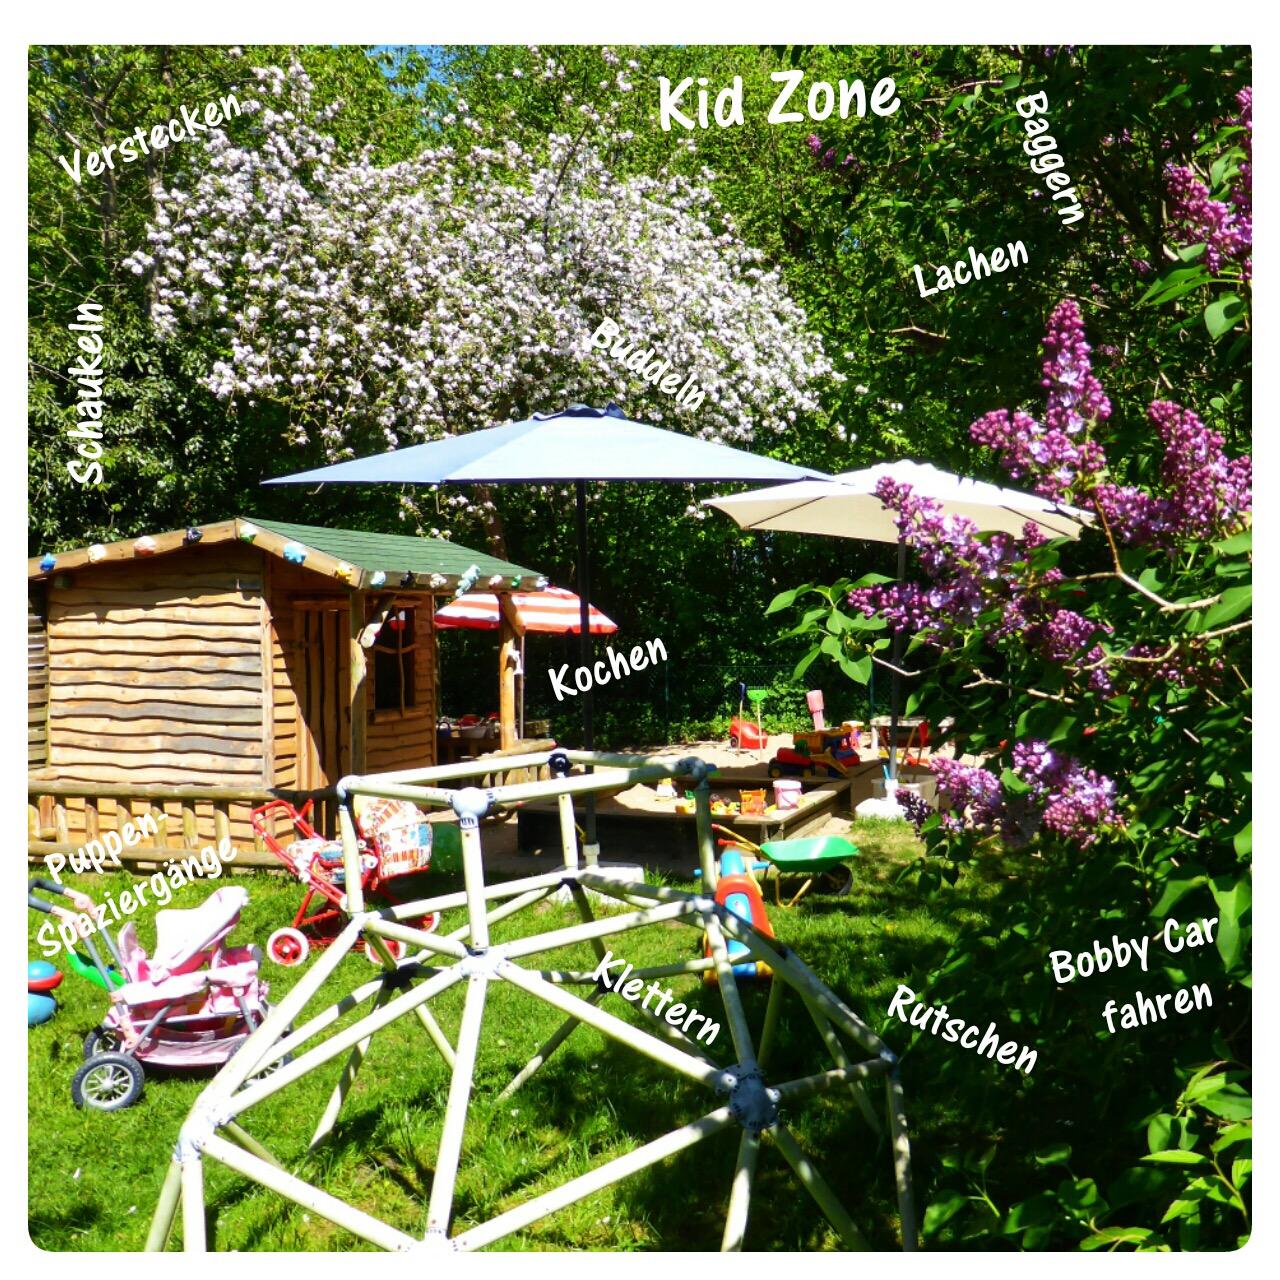 Kita Kid Zone Kinderbetreuung 2018